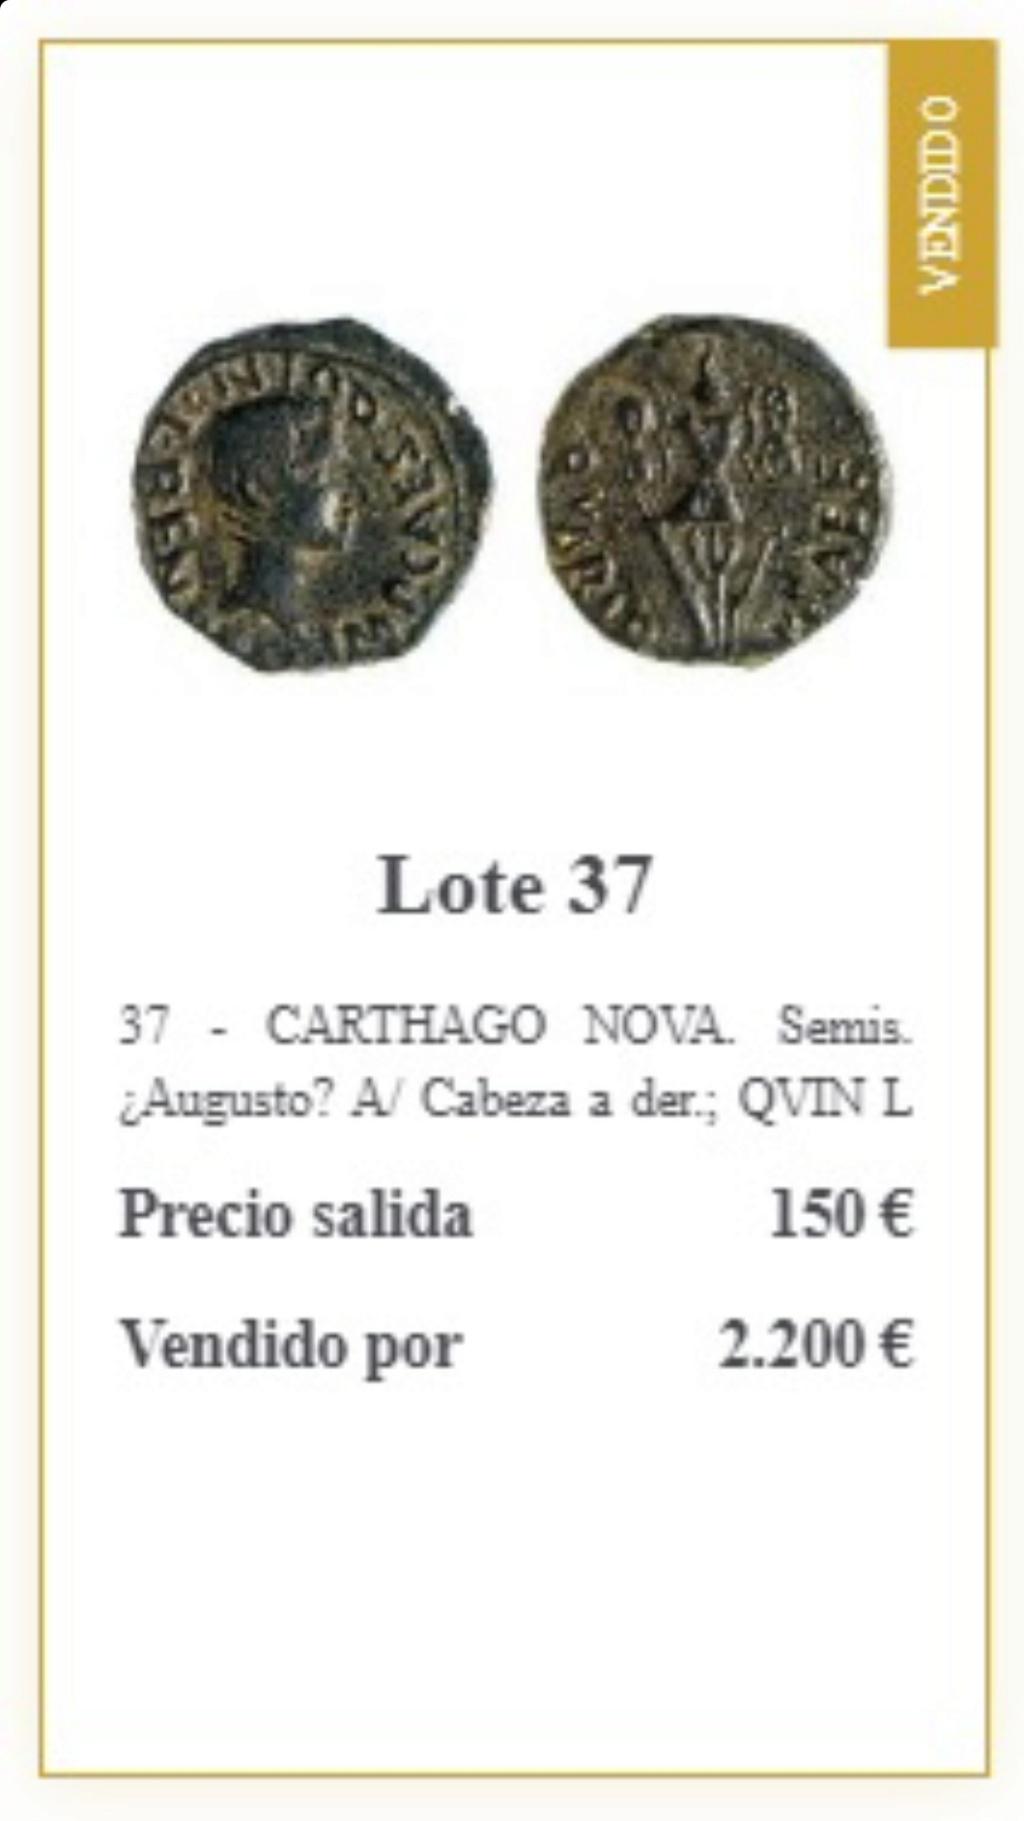 Jesús Vico - Subasta 50 aniversario - 14-04-2021 - Página 2 Screen12